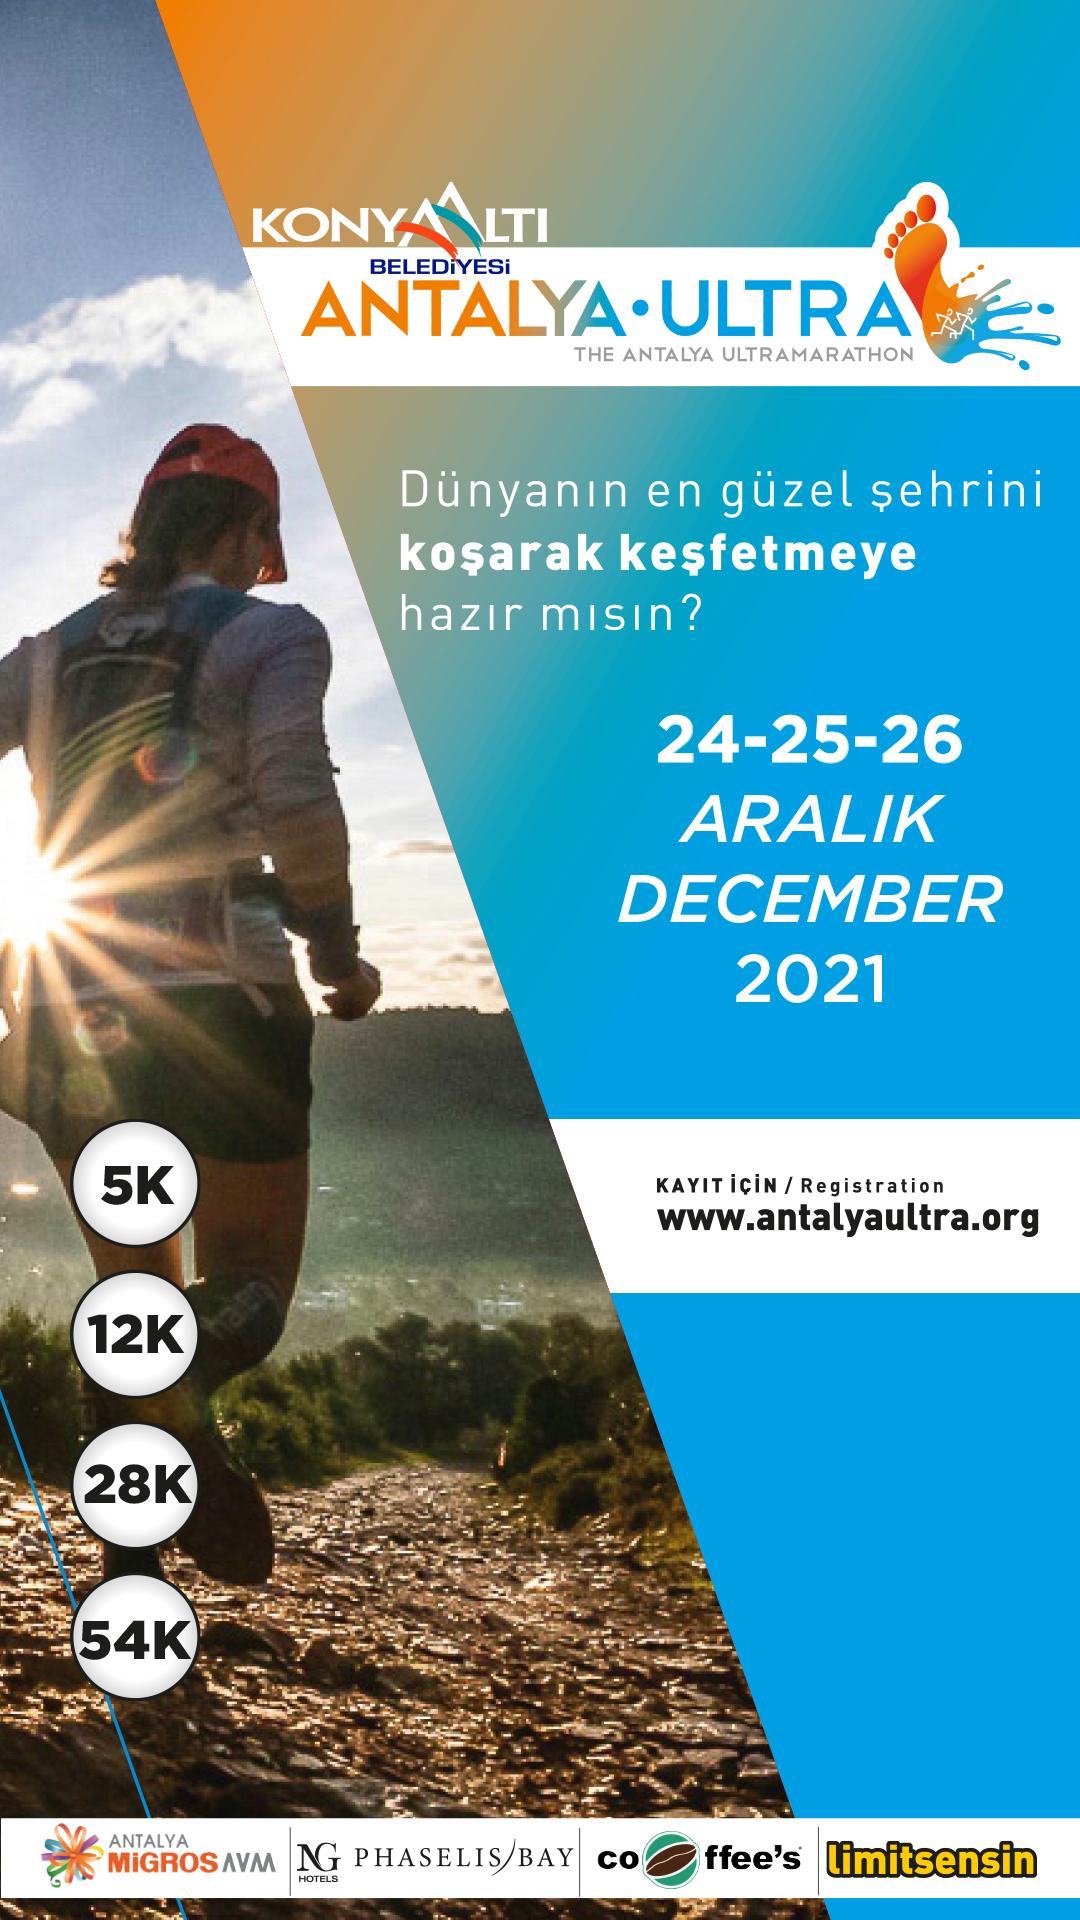 'Dünya'nın en güzel şehrini koşarak keşfetmeye hazır mısın' Konyaaltı Belediyesi Antalya Ultra Maratonu 24-25-26 Aralık'ta